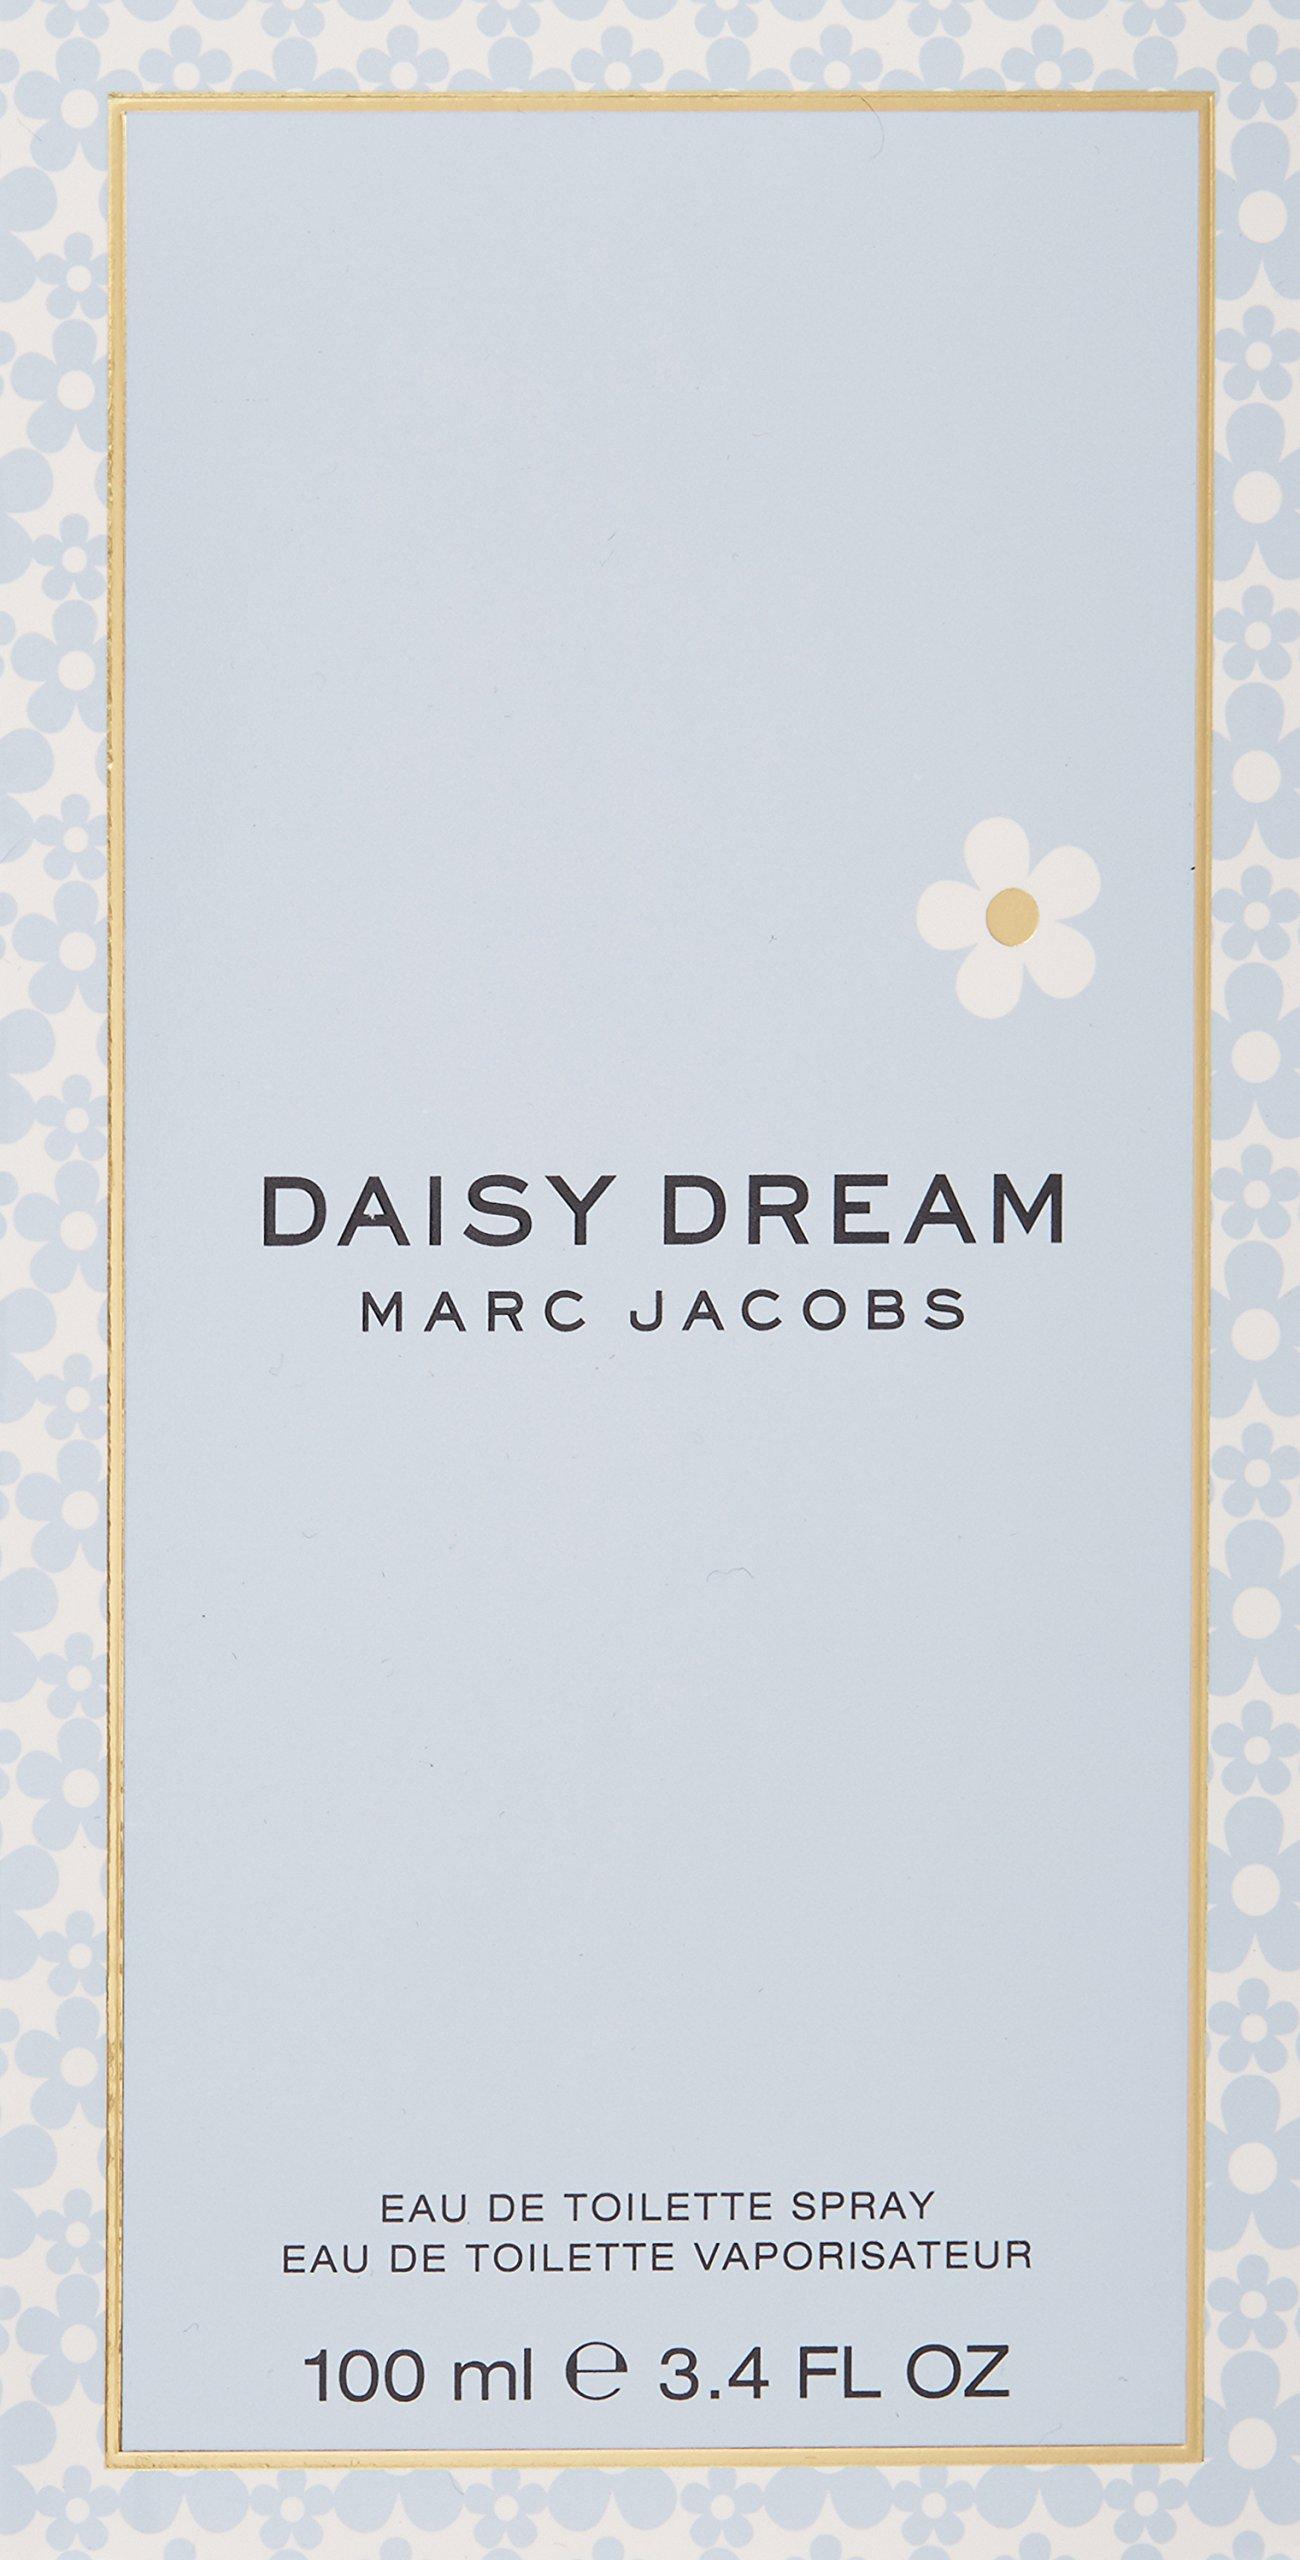 Marc Jacobs Daisy Dream Eau de Toilette Spray for Women, 3.4 Fl Oz by Marc Jacobs